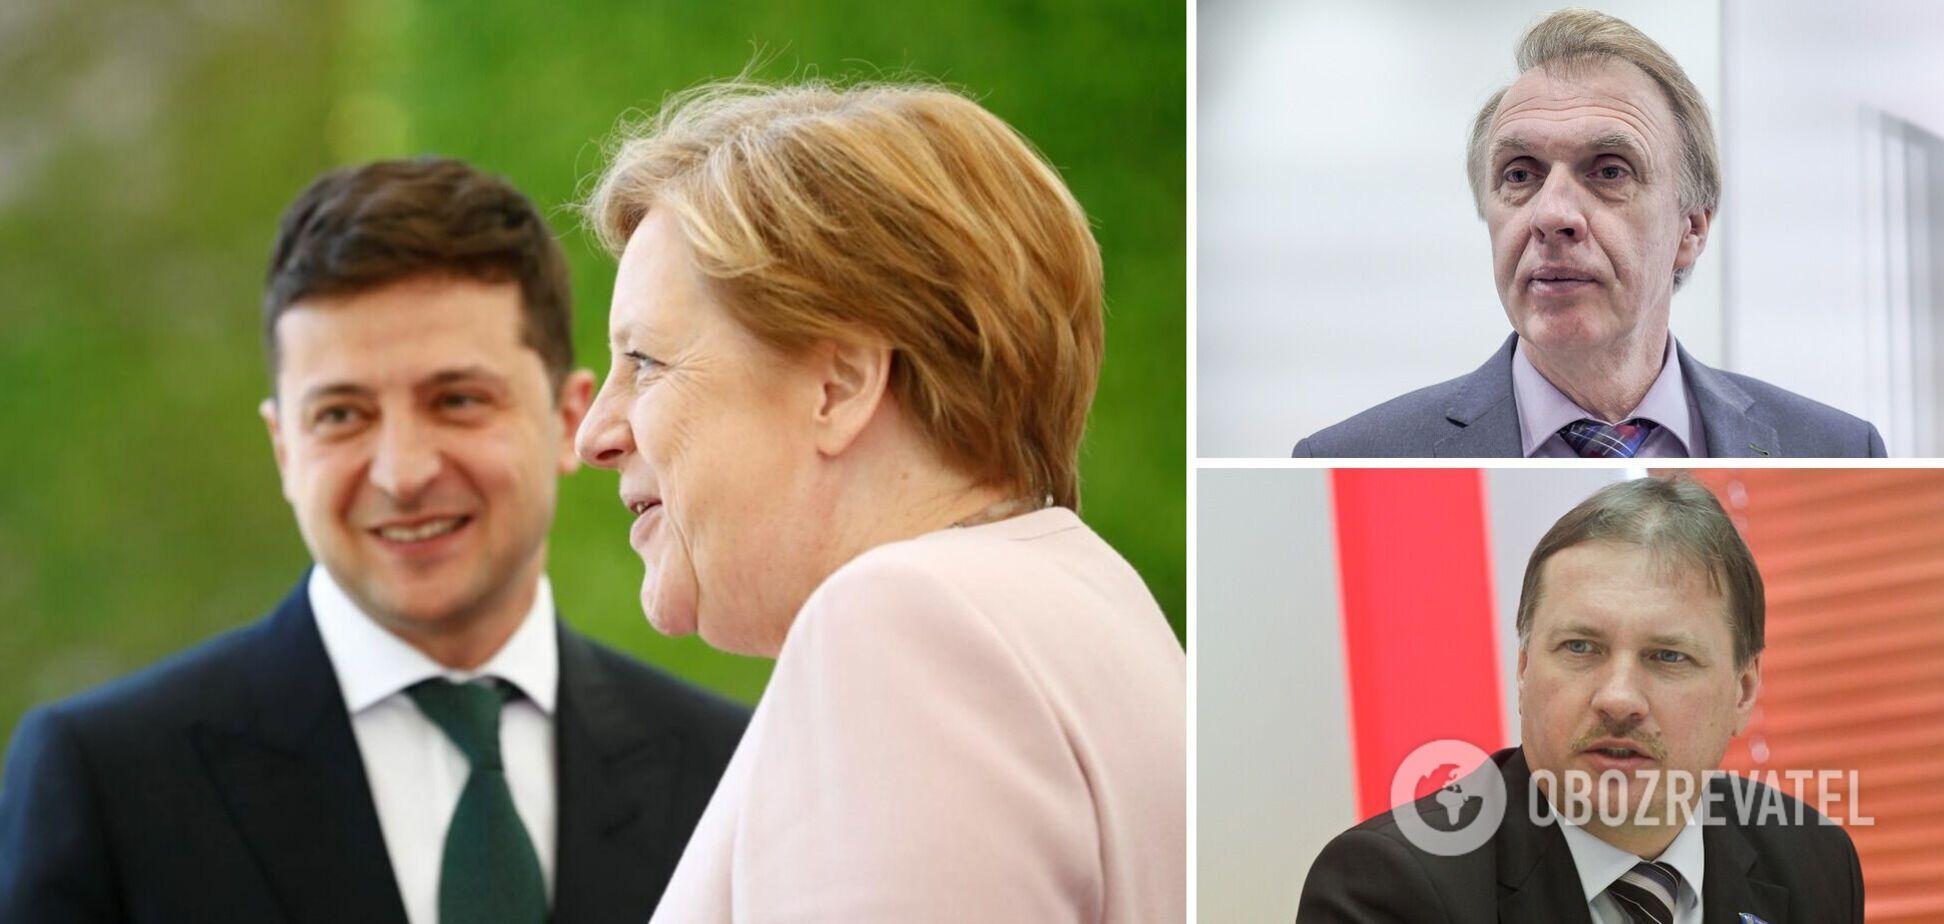 Меркель была инициатором встречи с Зеленским